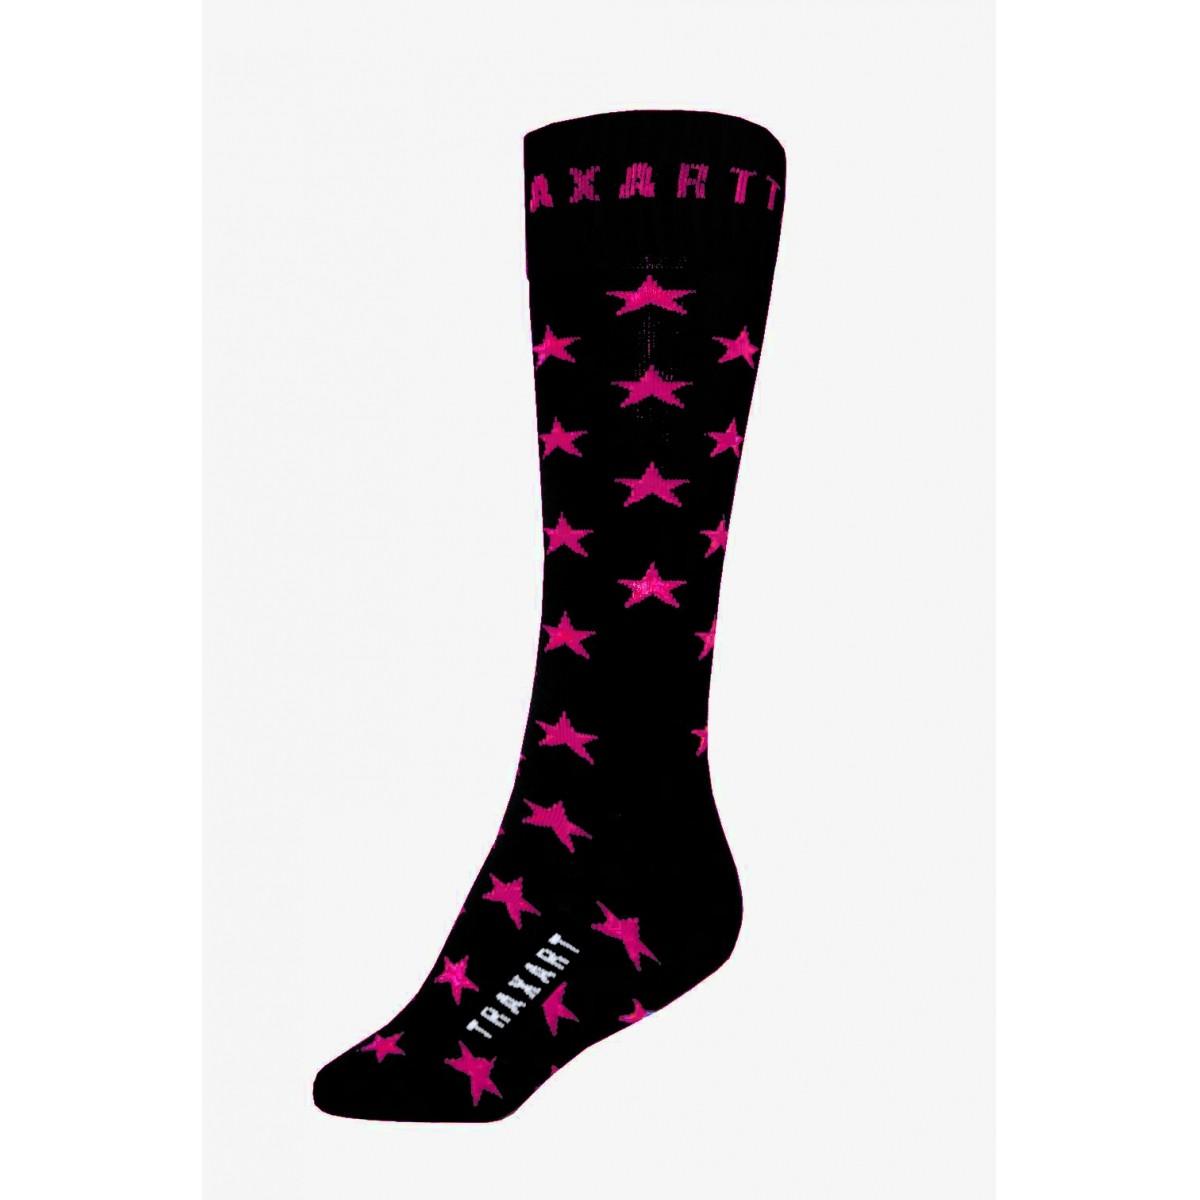 Meias 3/4 Inline com Estrelas Traxart  - DS-024